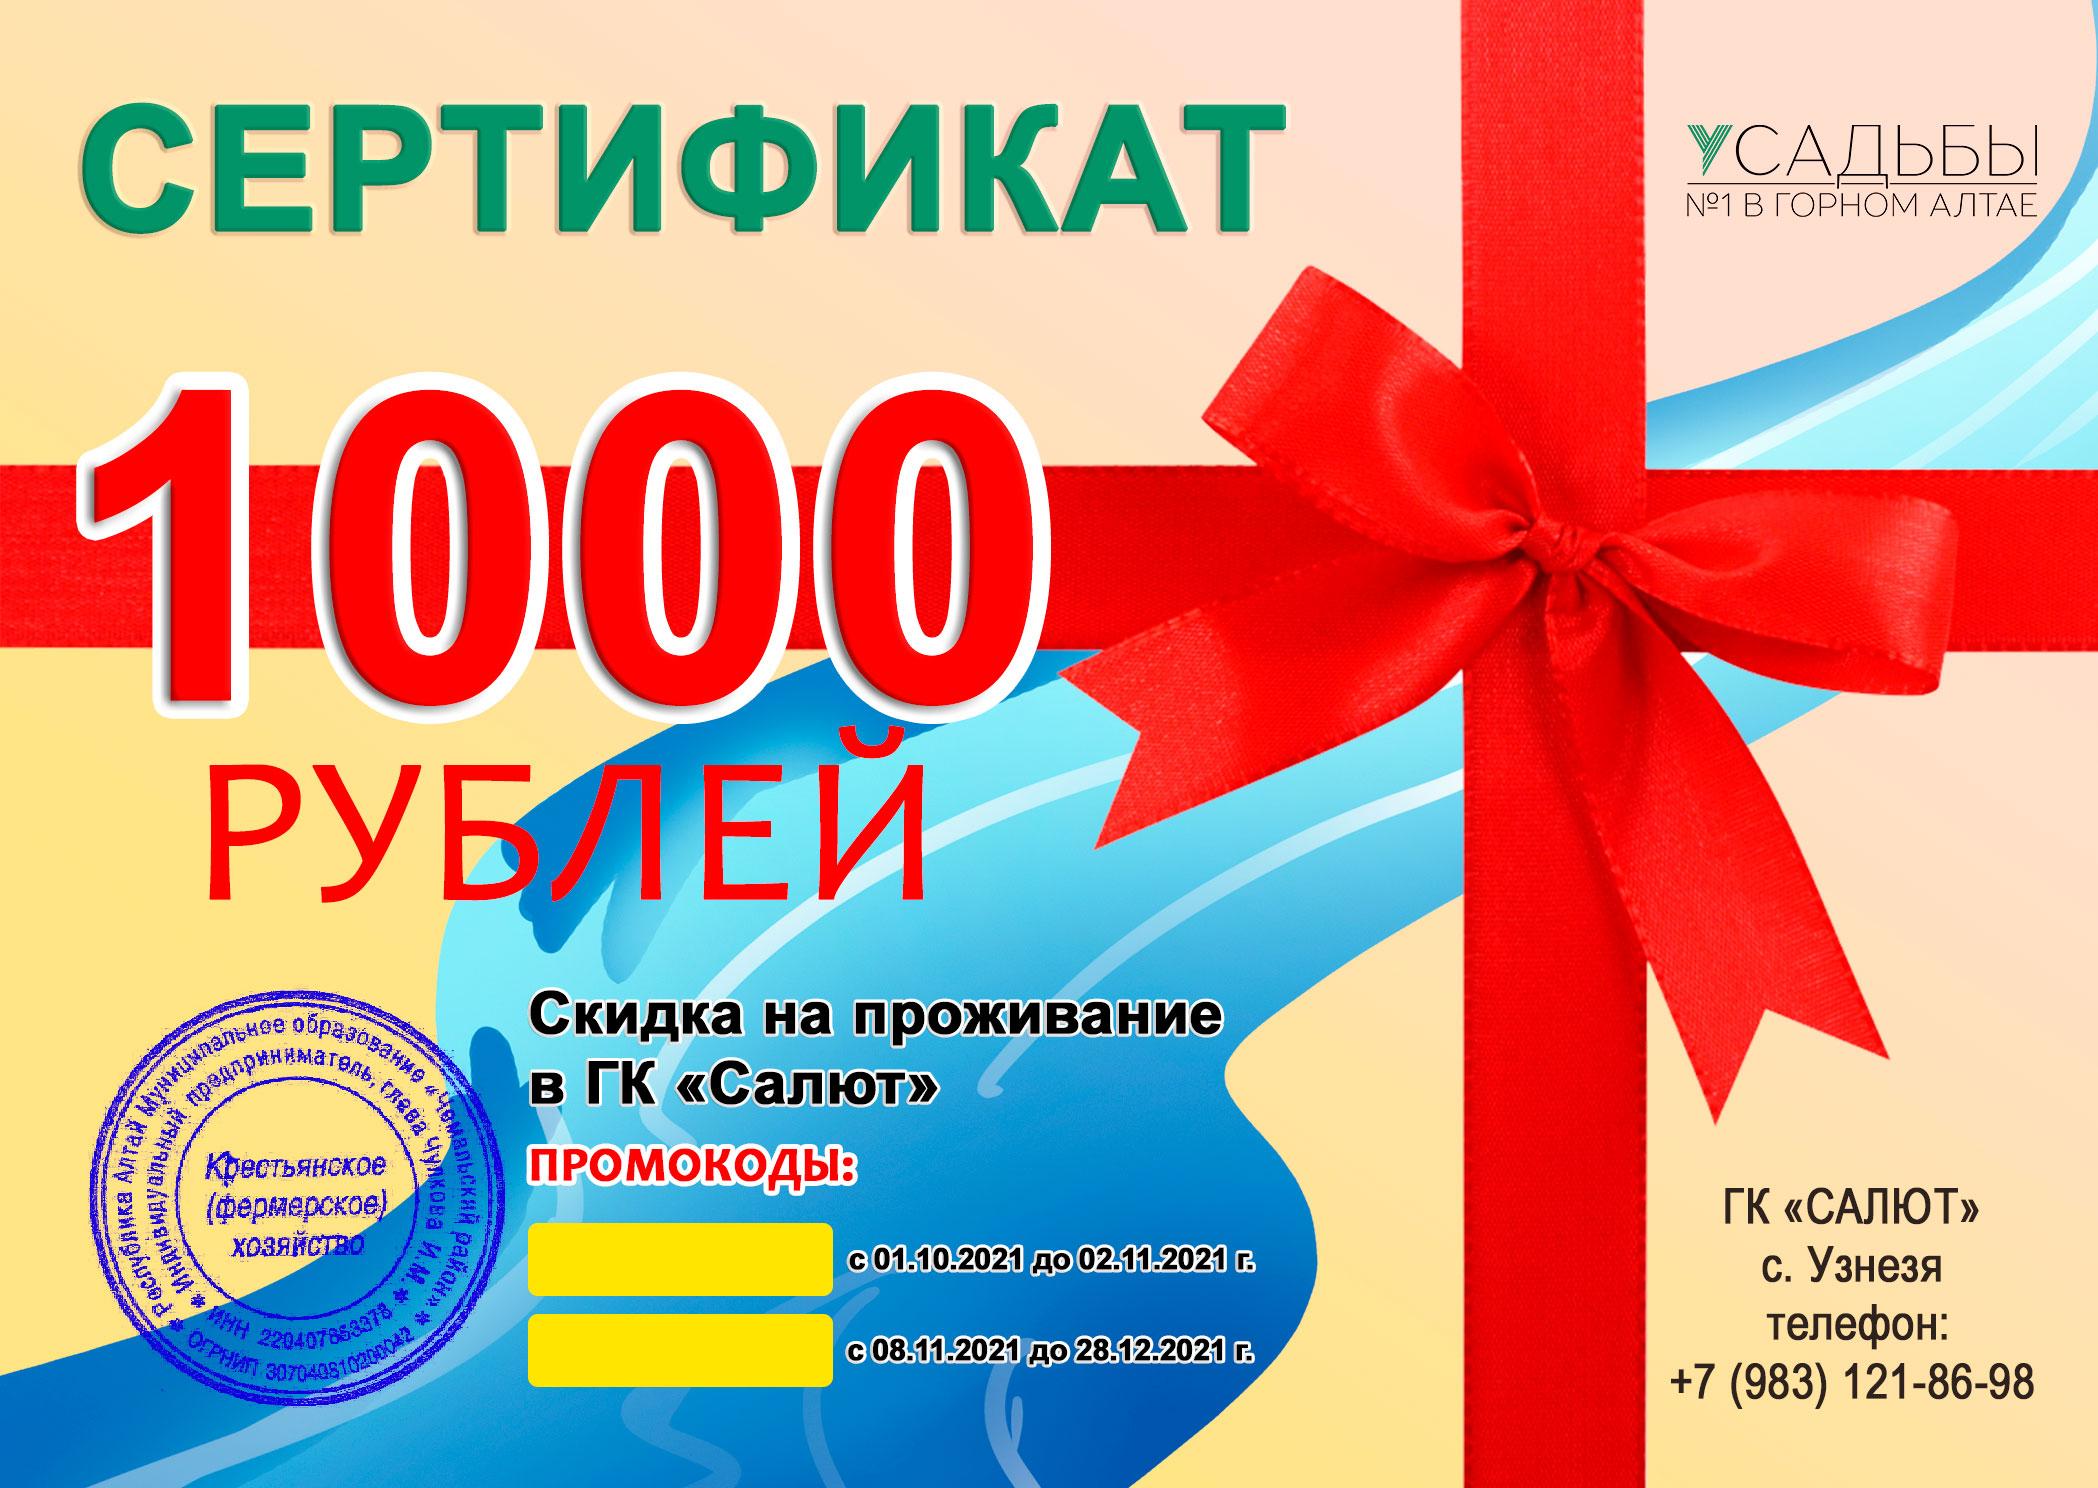 """Дарим нашим постоянным гостям 1000 рублей на проживание в ГК """"Салют"""""""